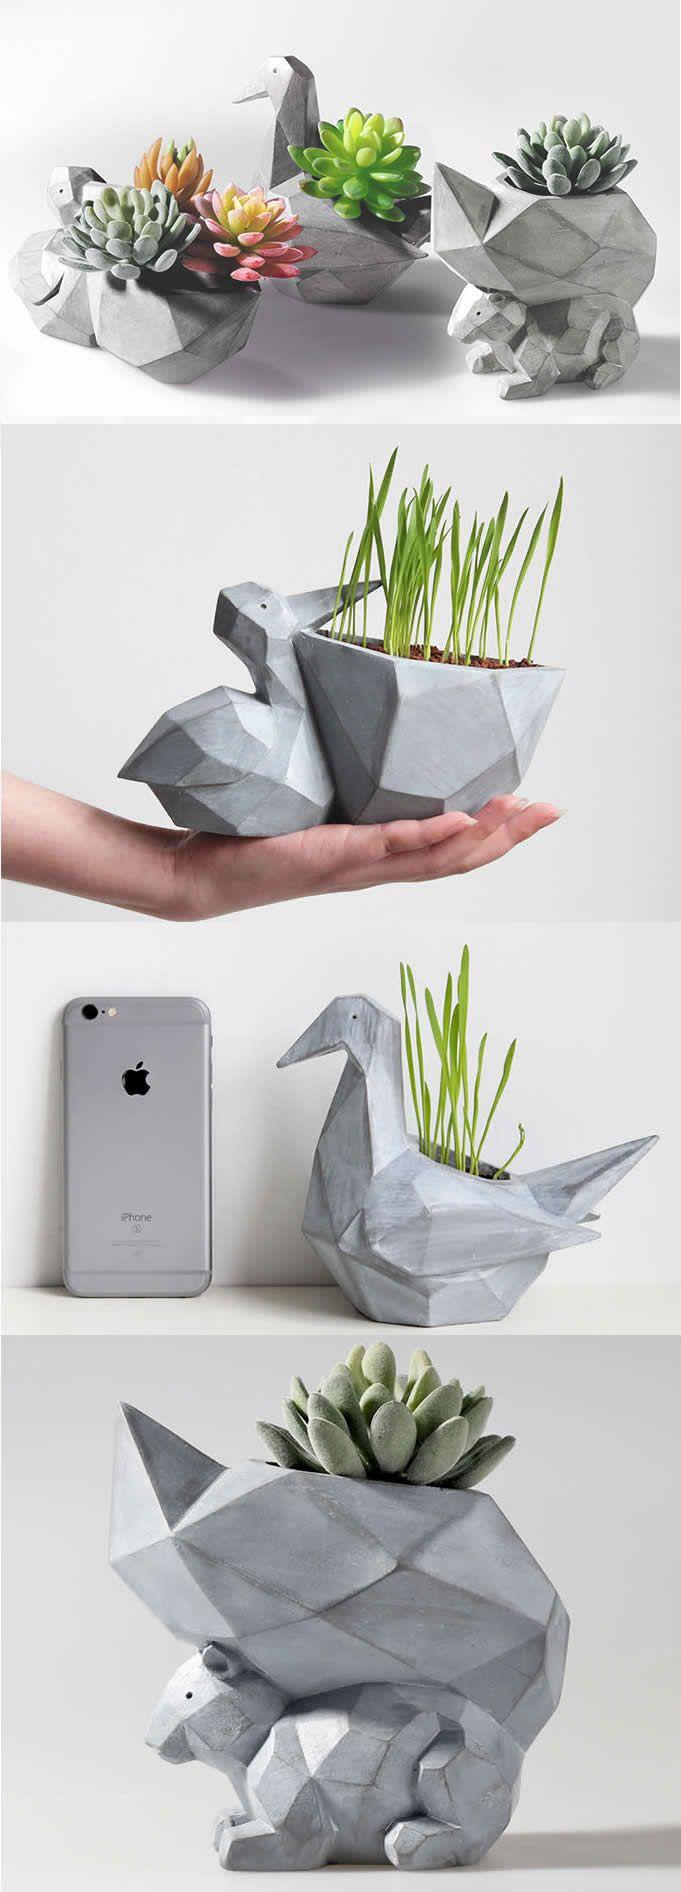 Simulation Concrete Animal Succulent Planter Flower Pot